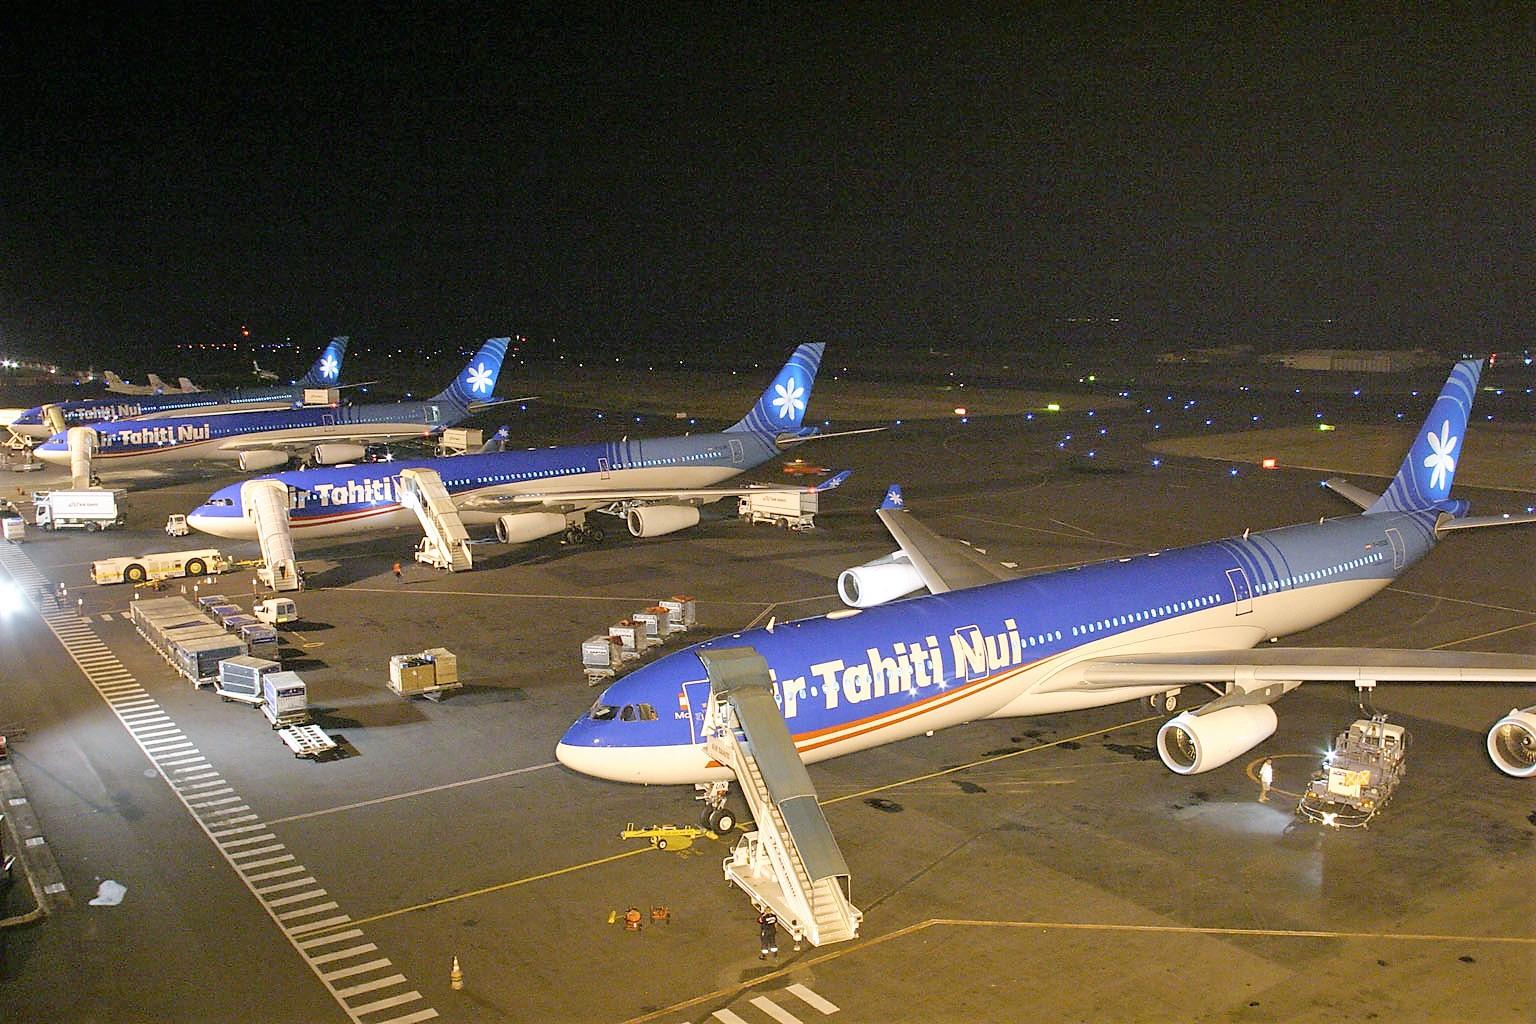 Avec l'arrivée annoncée de deux compagnies sur l'axe Papeete-Paris, Air Tahiti Nui a lancé une baisse des prix ©Air Tahiti Nui